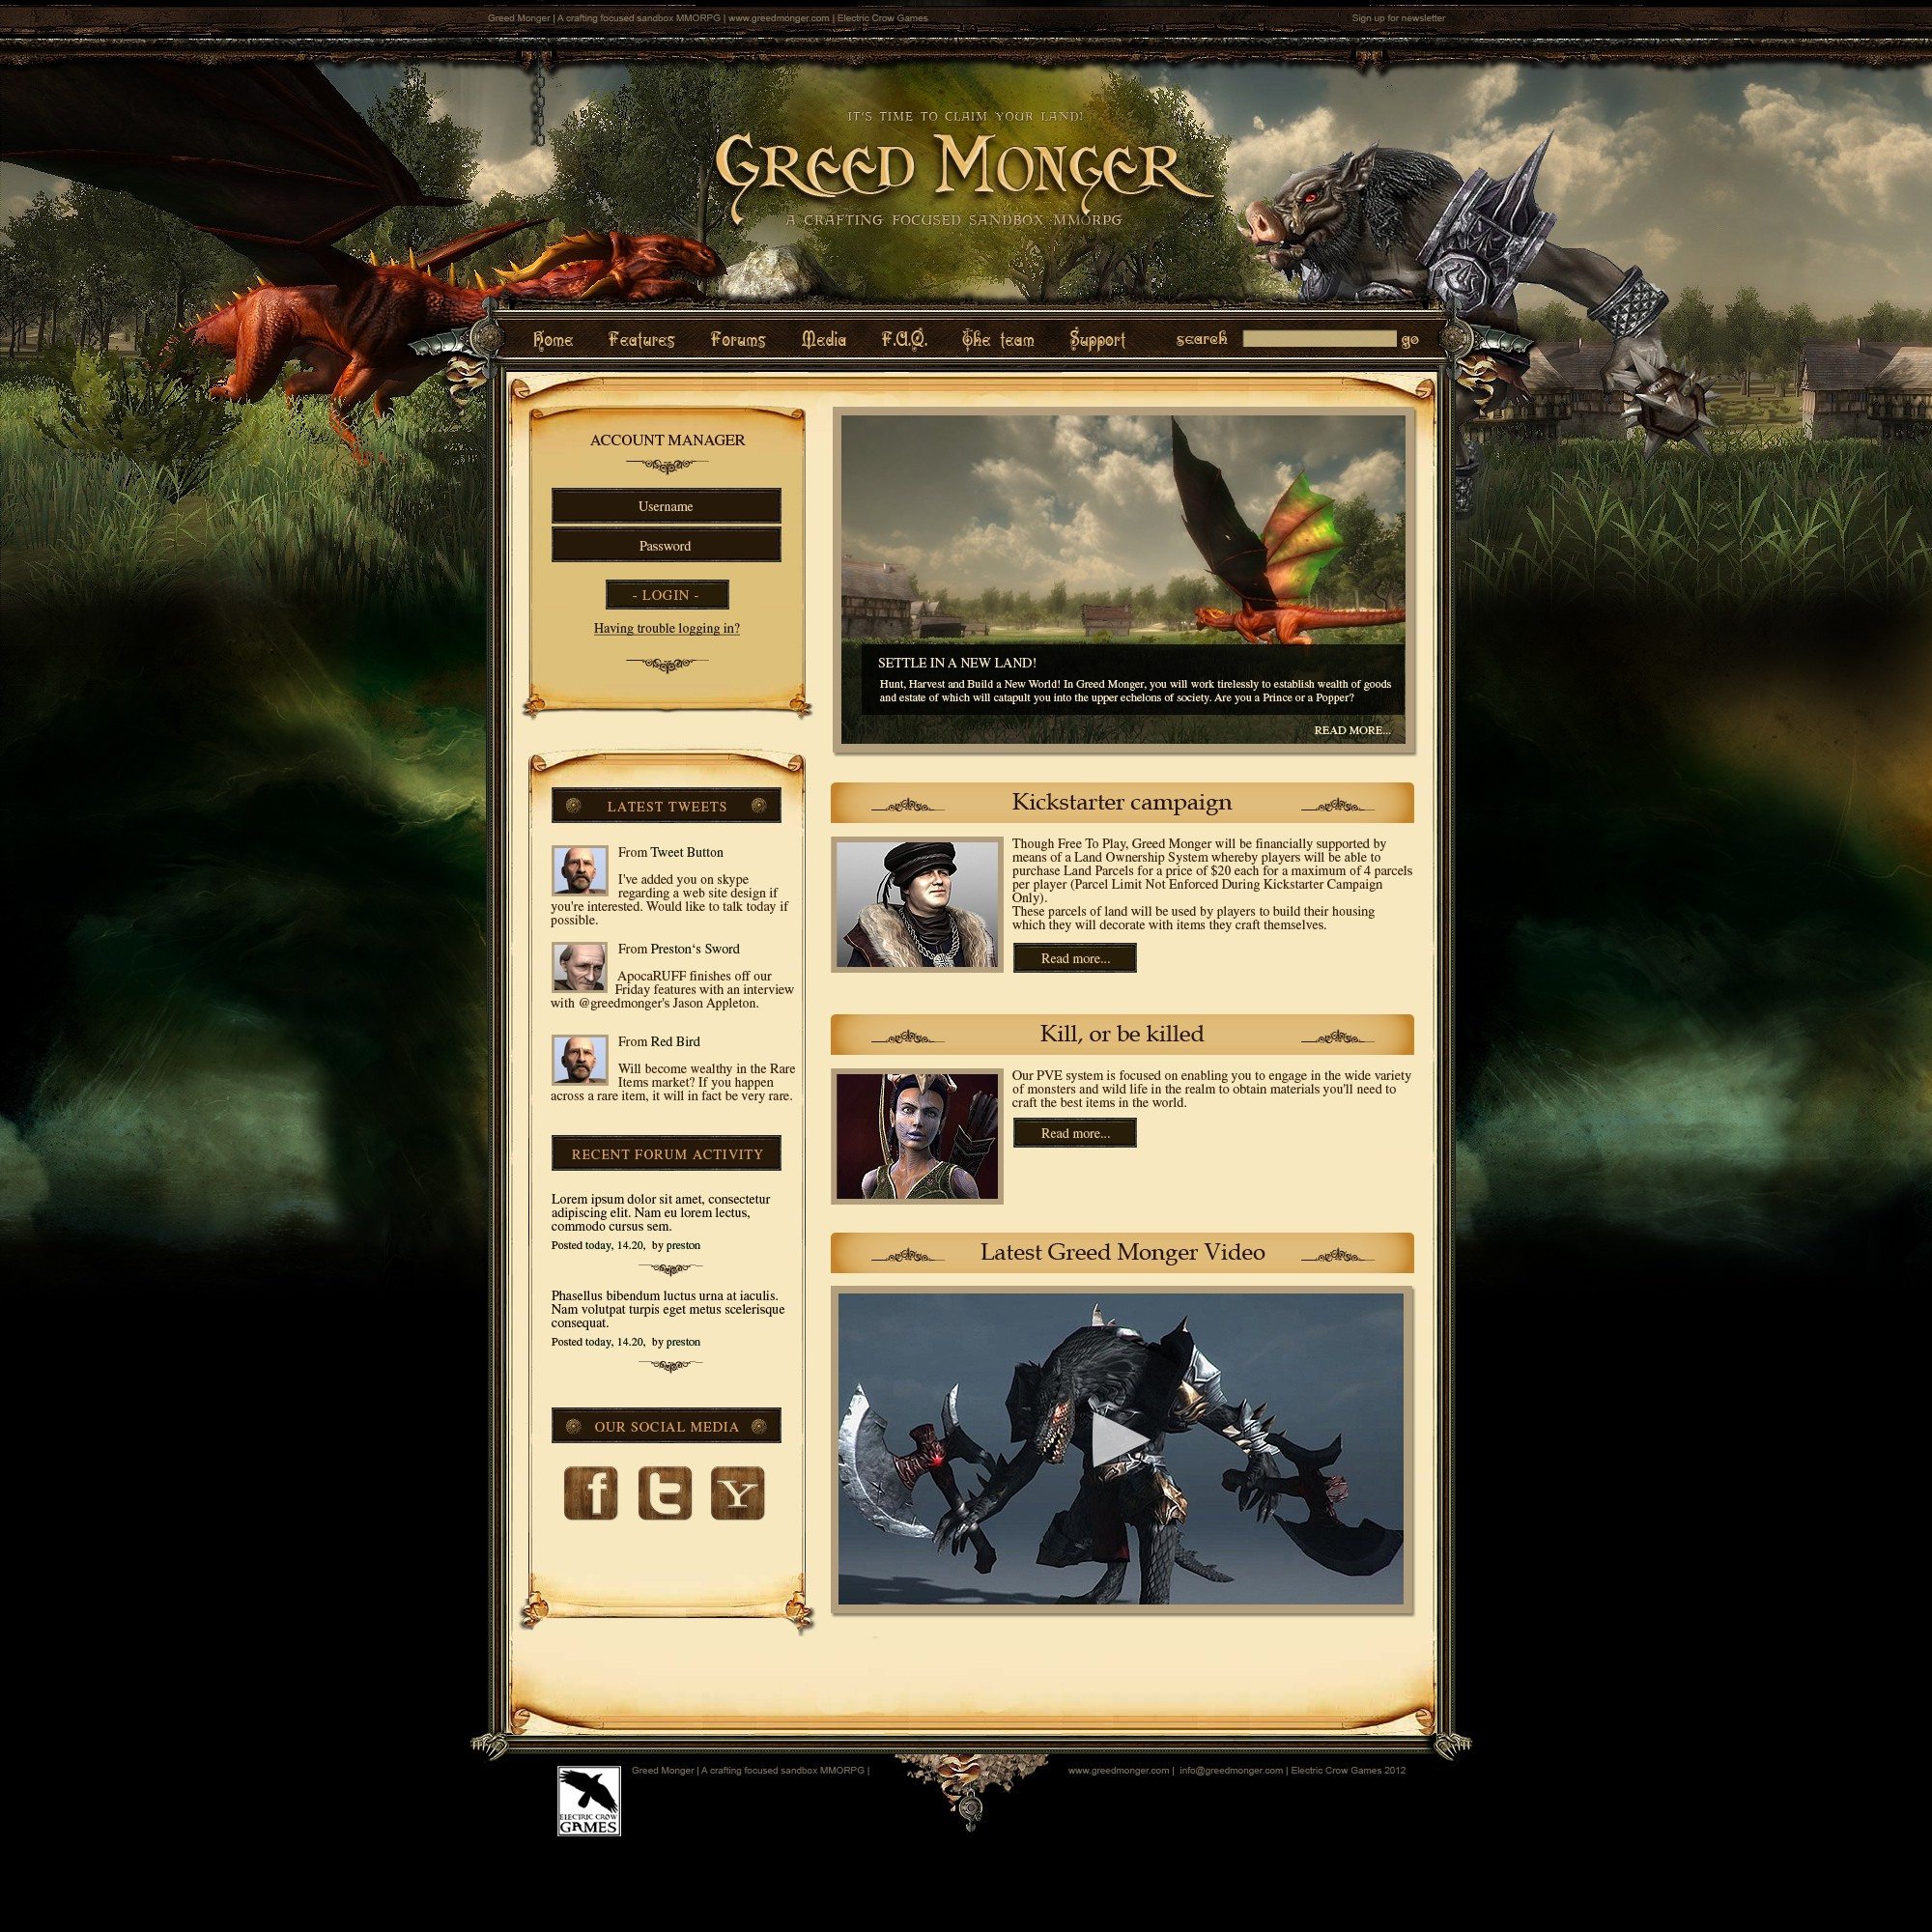 New website design wanted for Greed Monger - Sandbox MMORPG